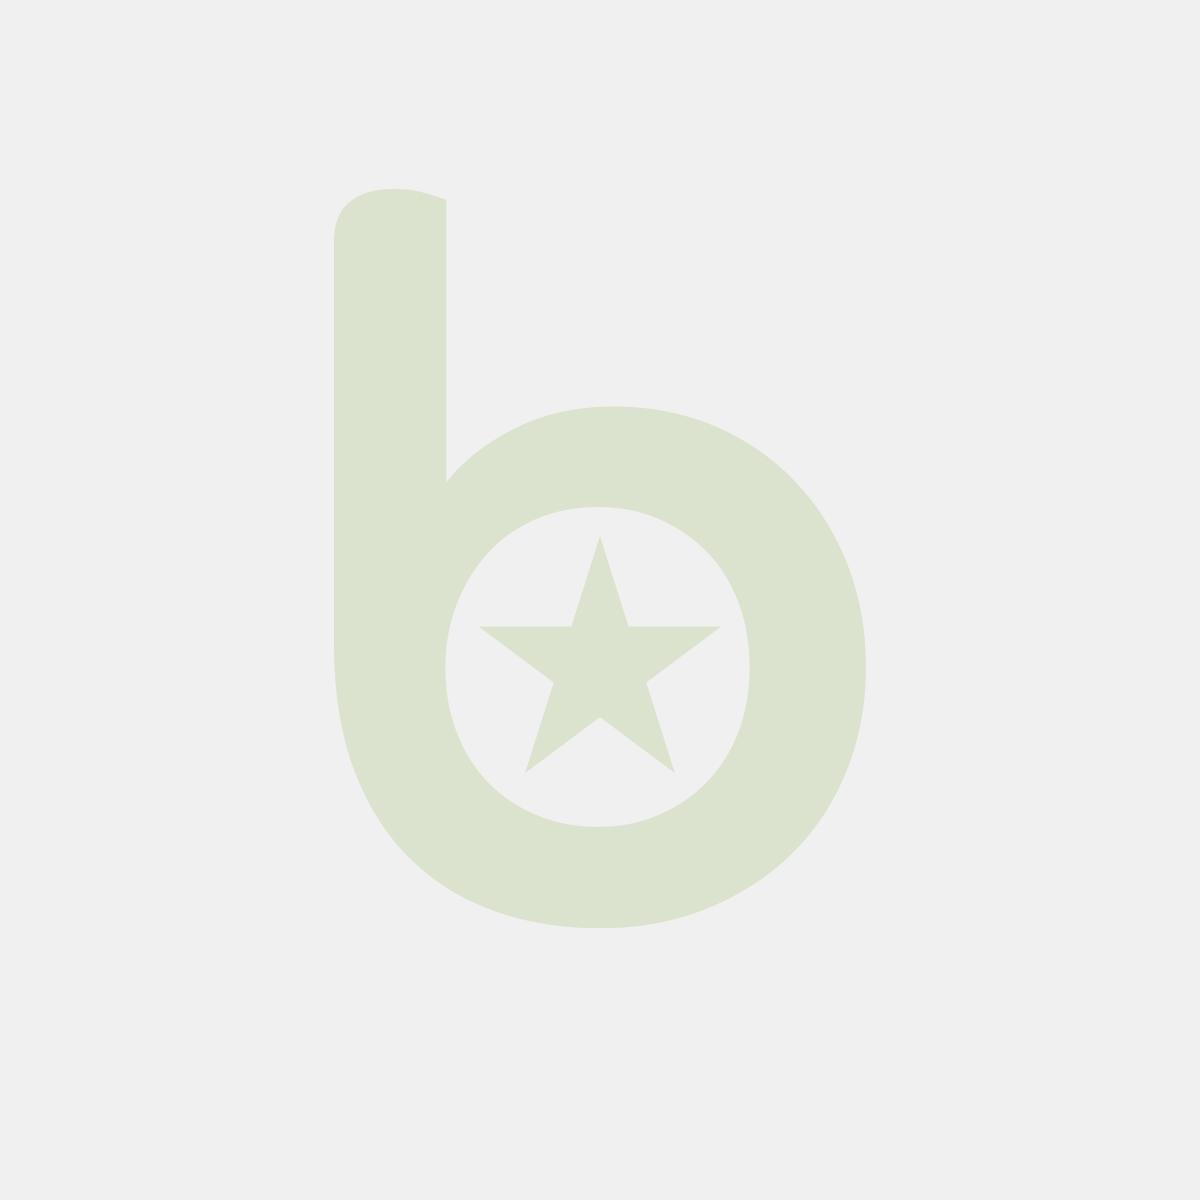 Ramka, matryca do tacek AG02 1309/CL podwójna 135x95 TnP